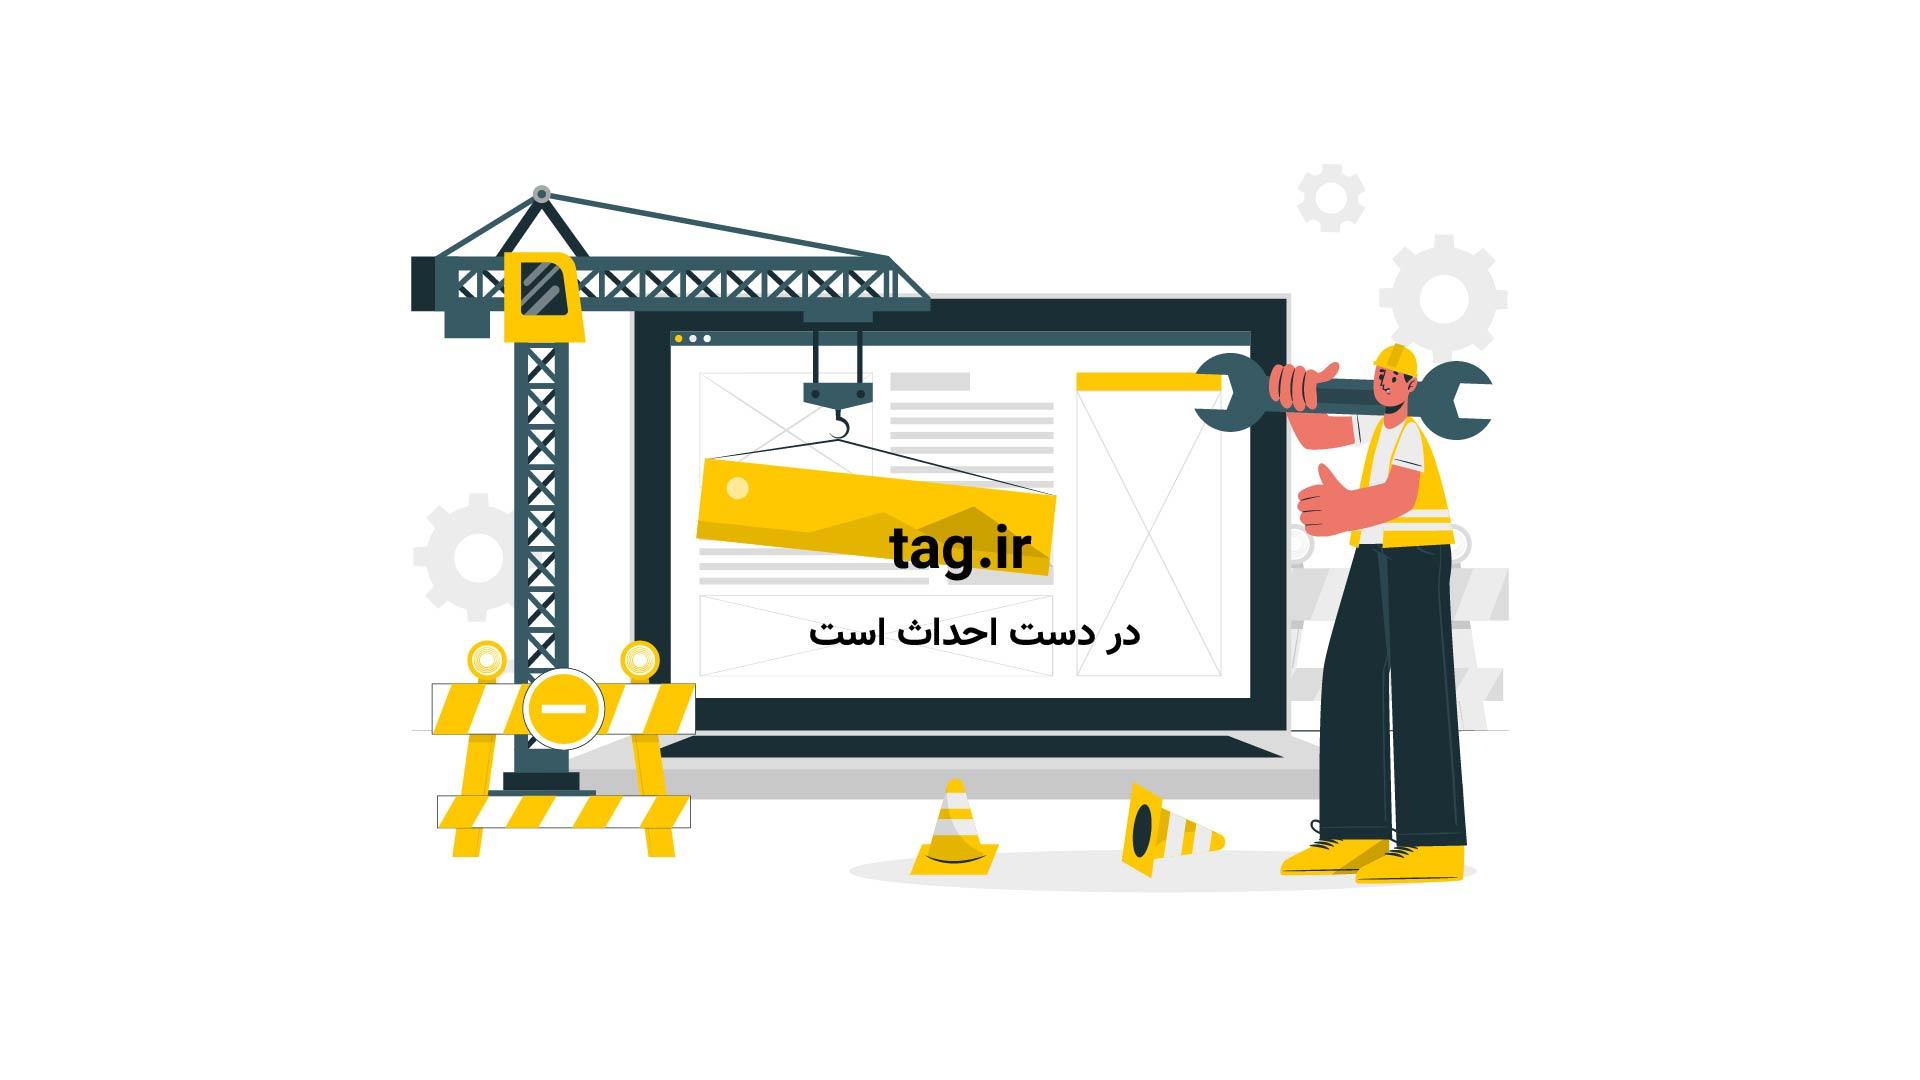 حمل موش مرده توسط عنکبوت | فیلم